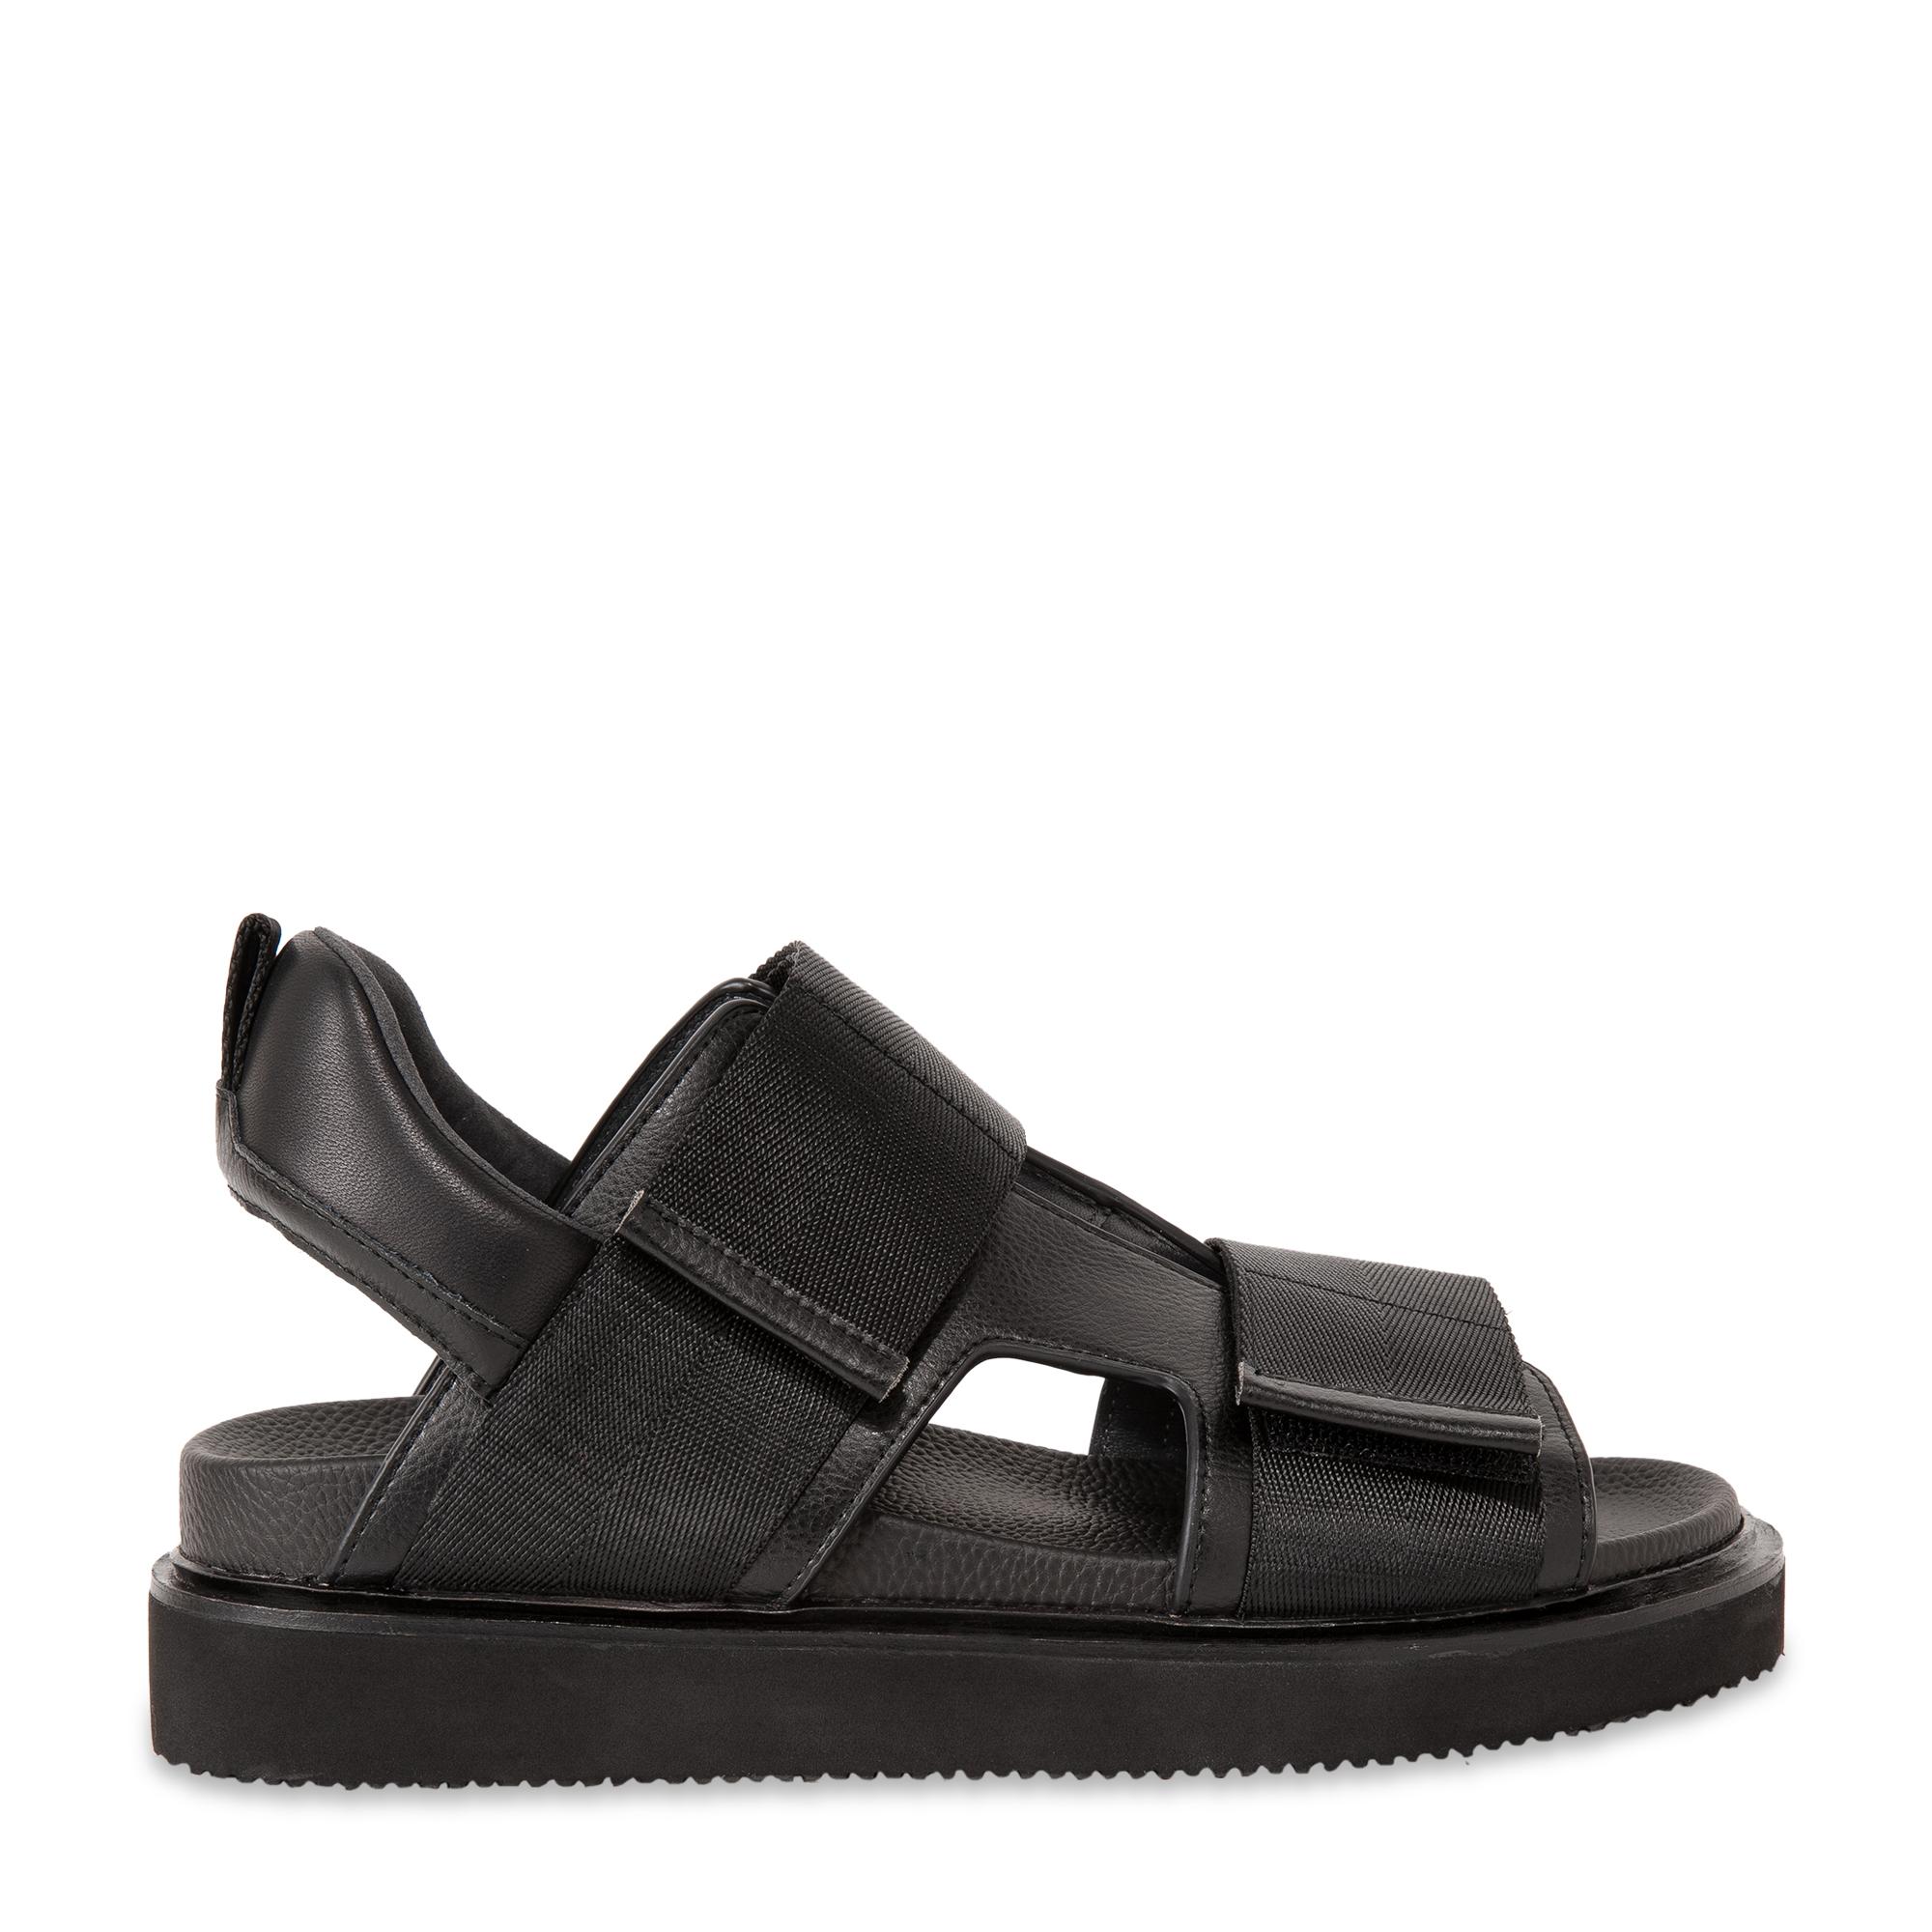 Geo sandals